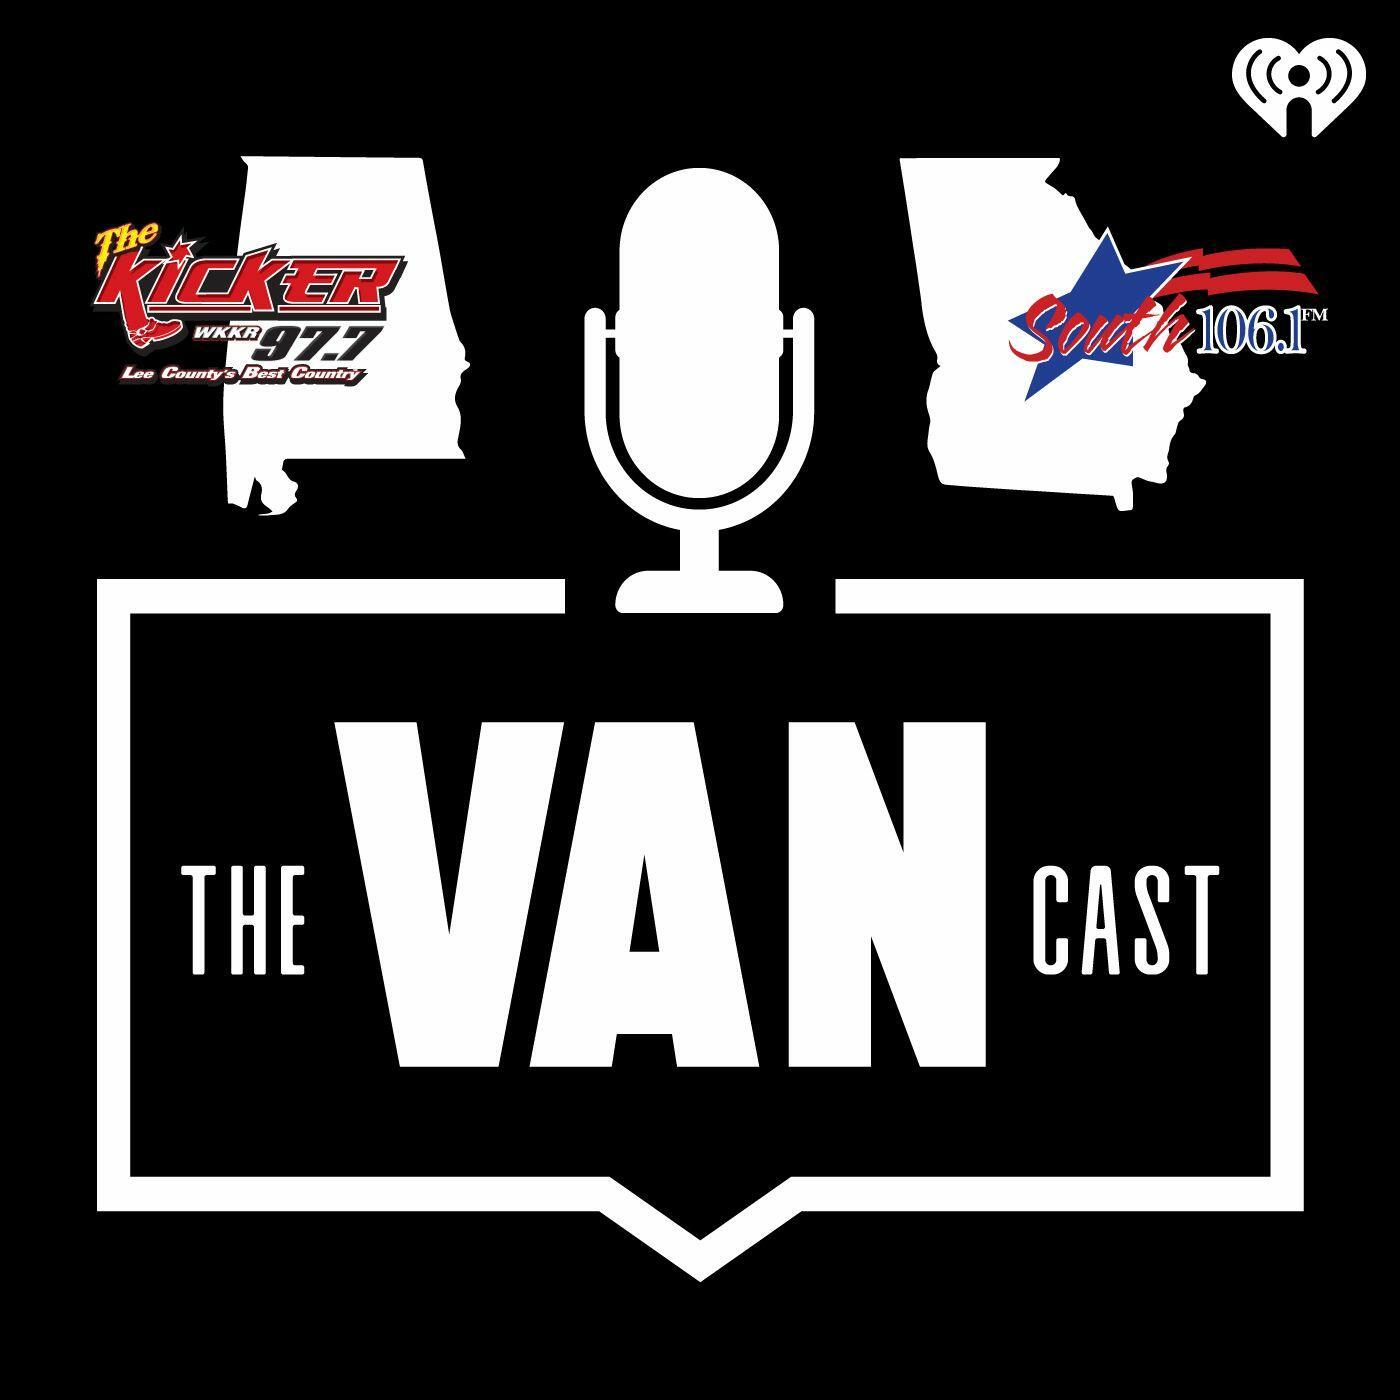 The Van Cast